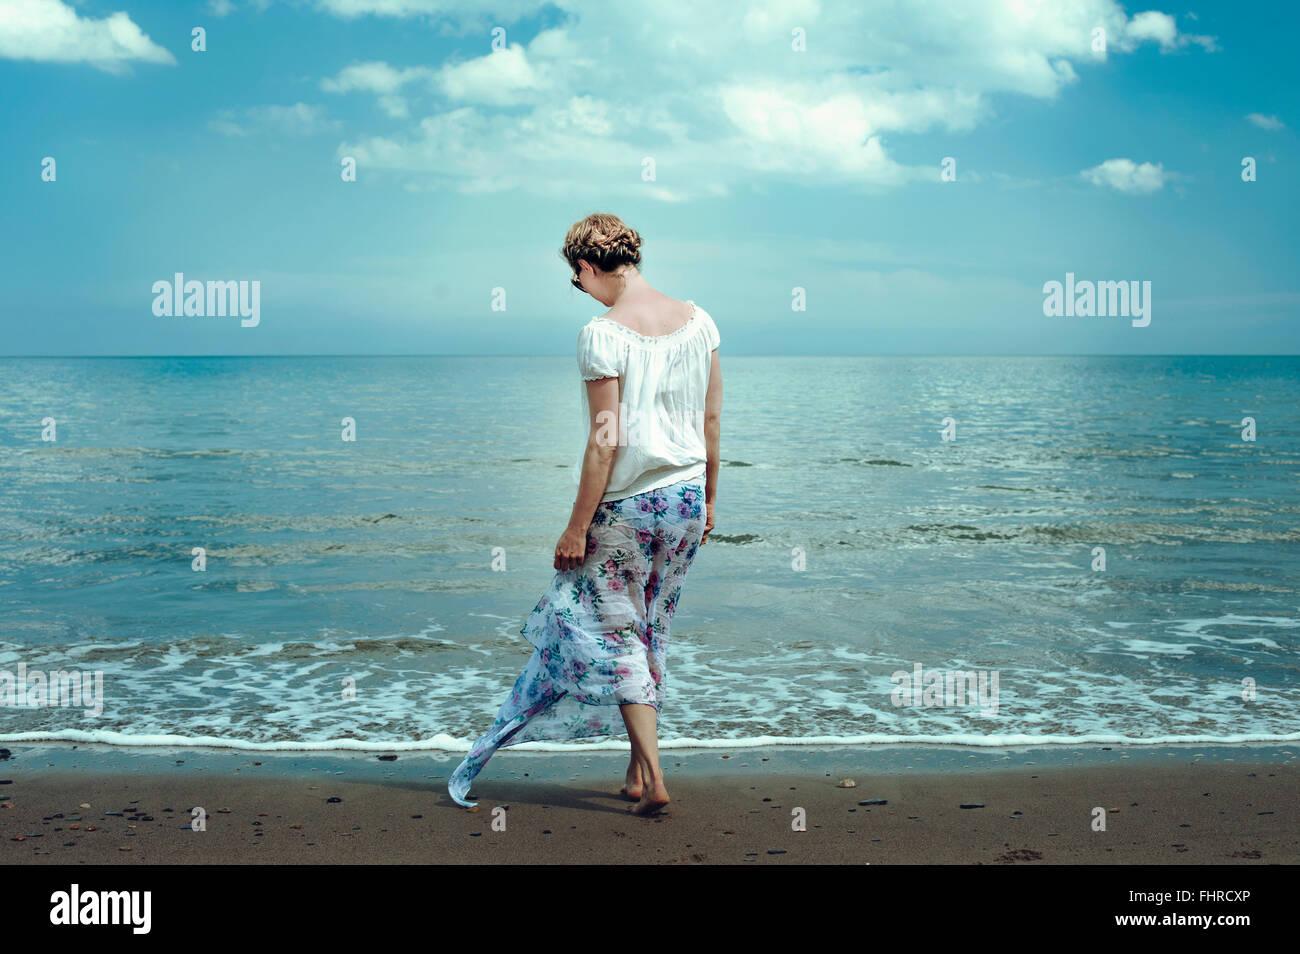 Jeune femme marche sur la plage Photo Stock